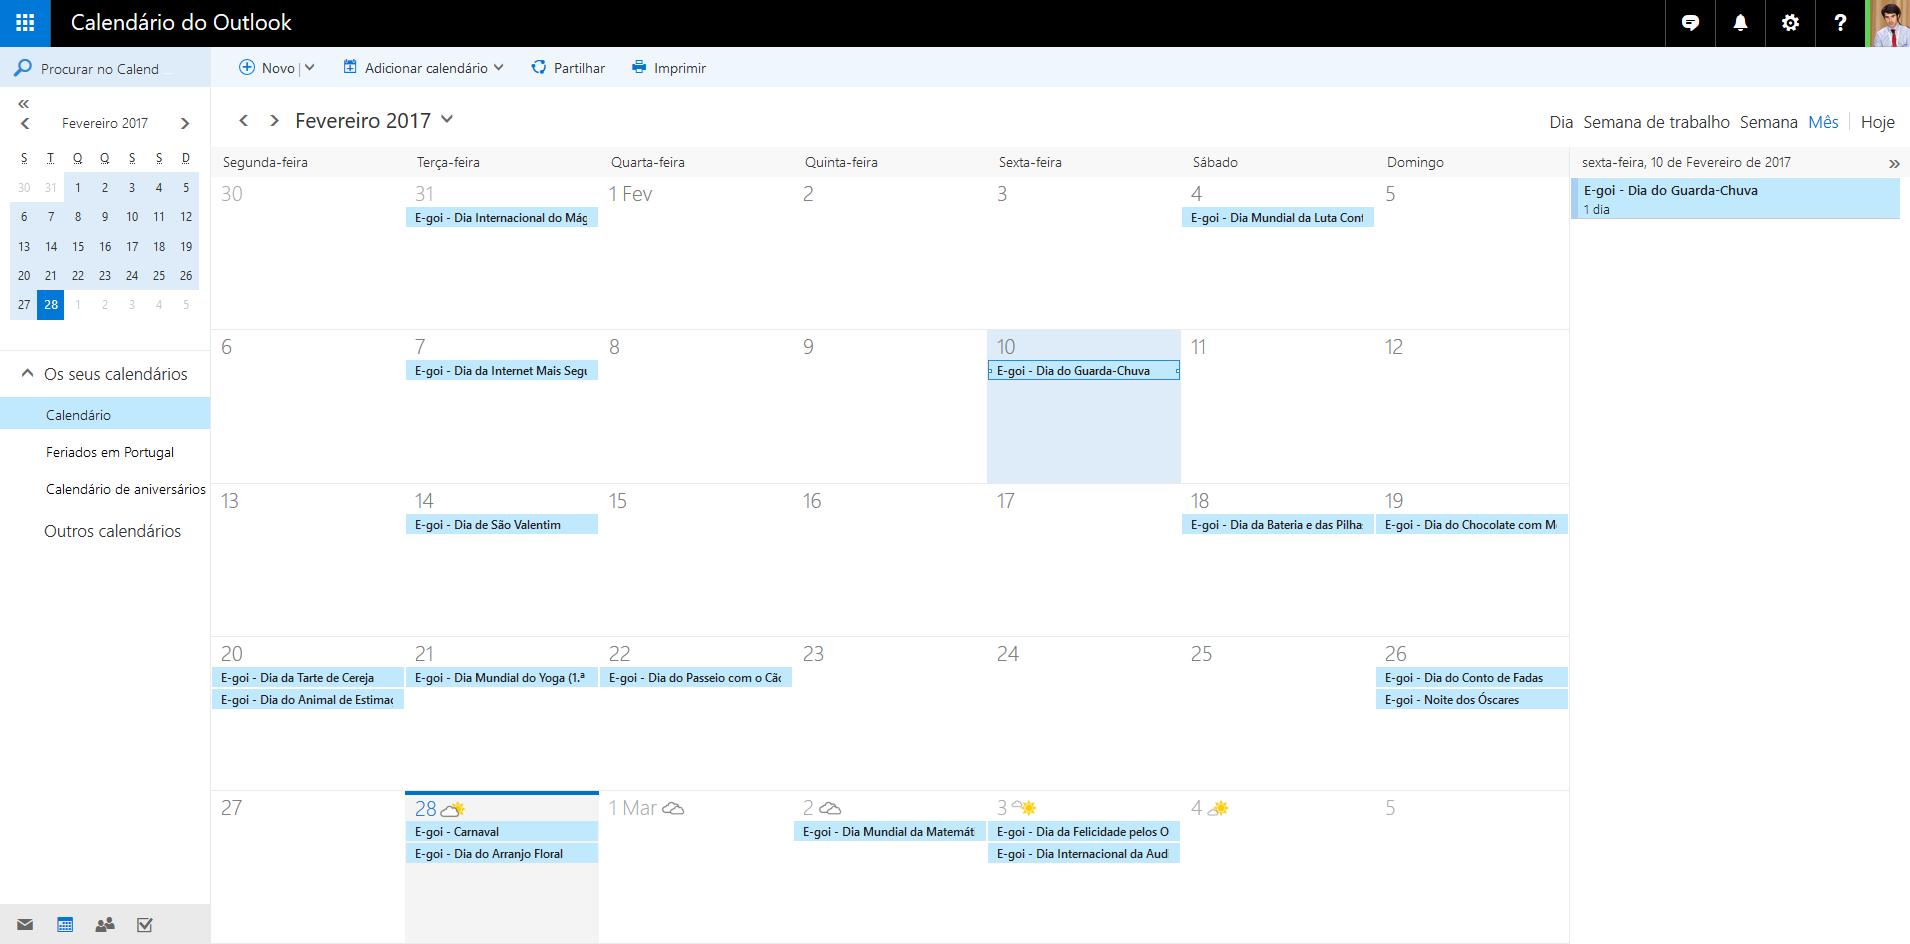 Calendario Outlook.2017 Social Media Marketing Calendar Integrates With